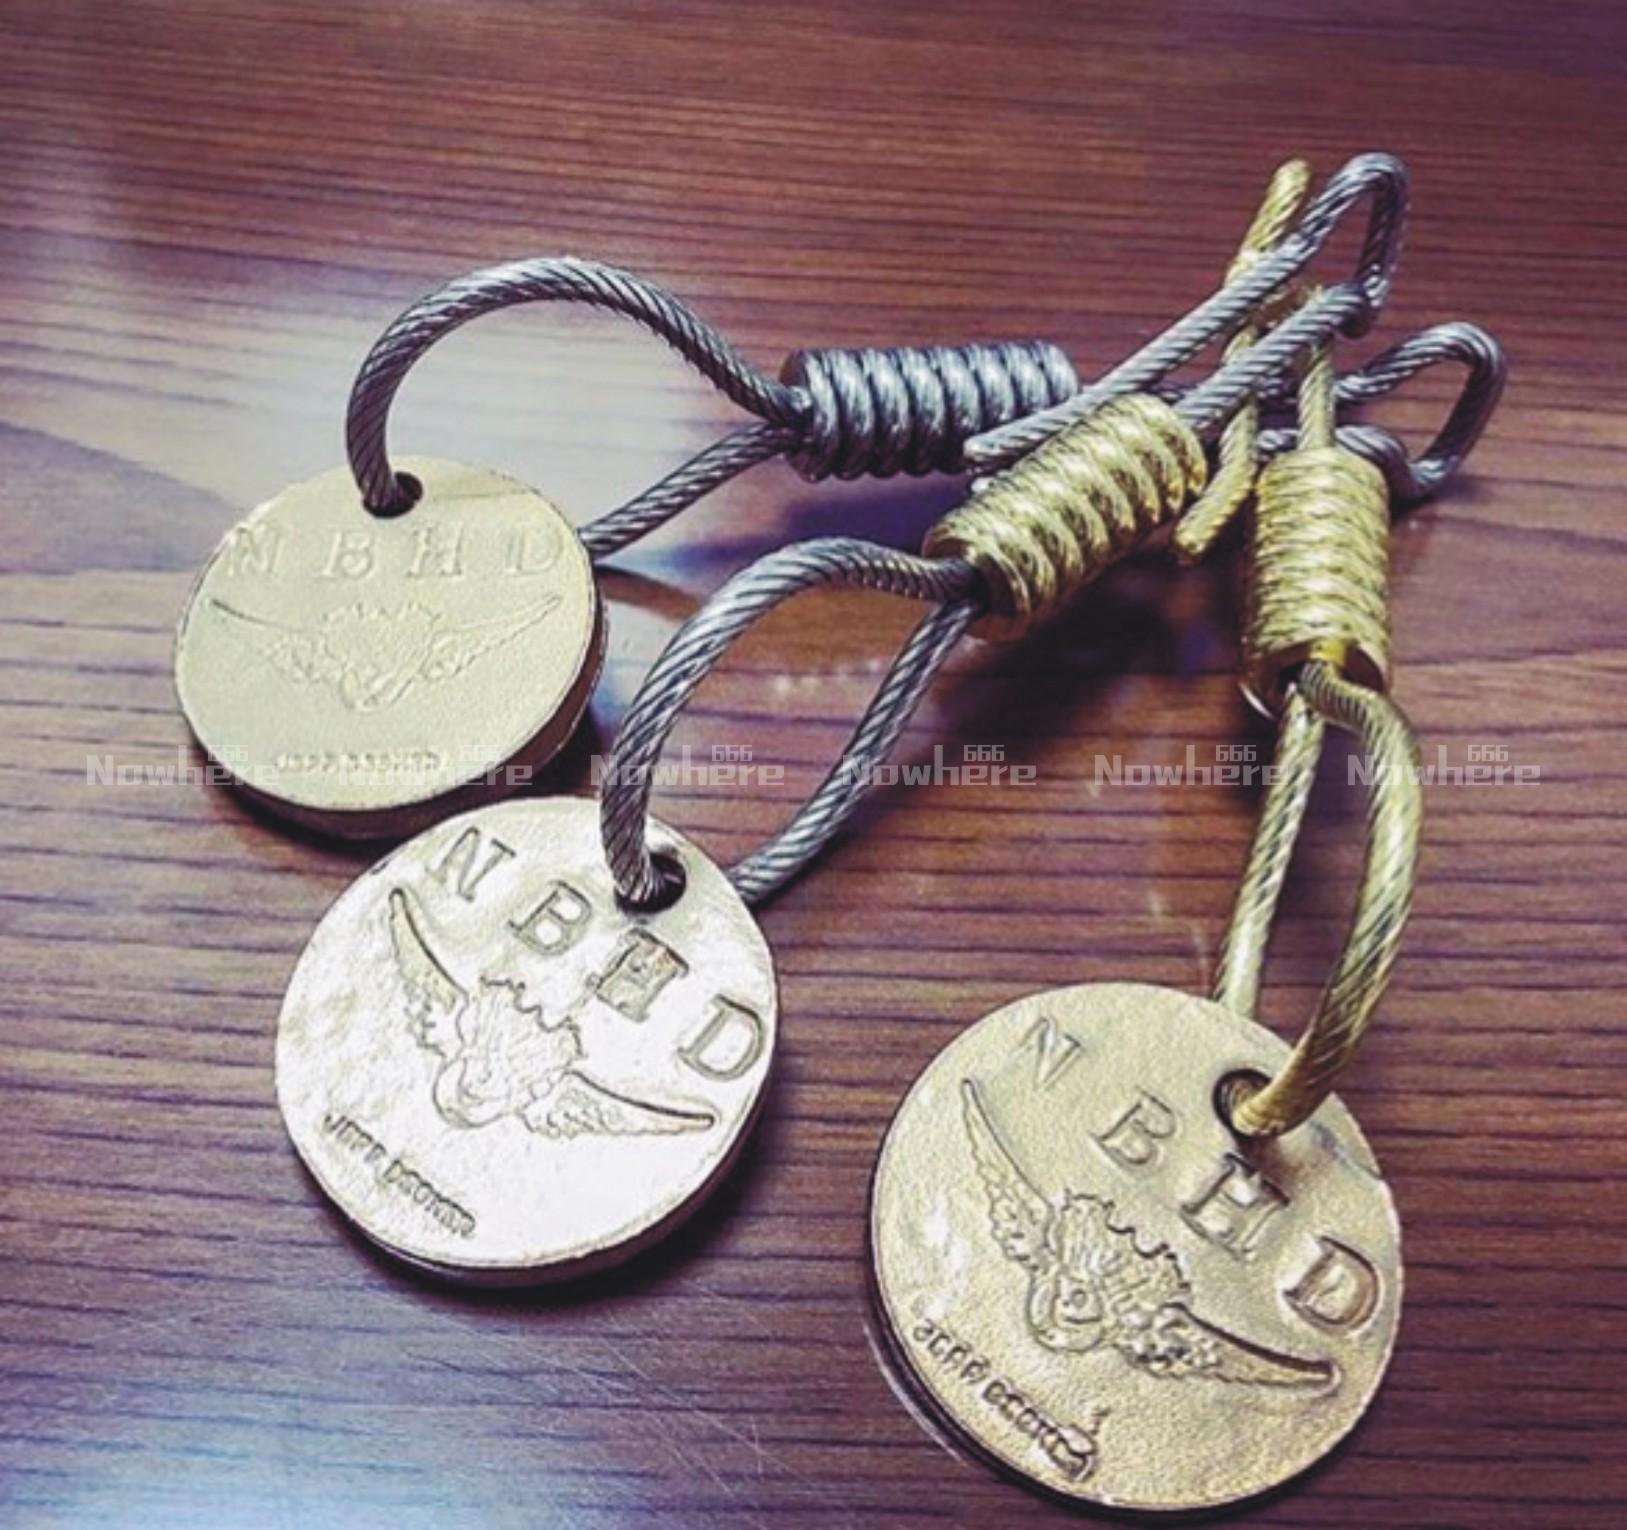 现货 NEIGHBORHOOD X JEFF DECKER 钥匙扣 余文乐 18ss 隐藏款